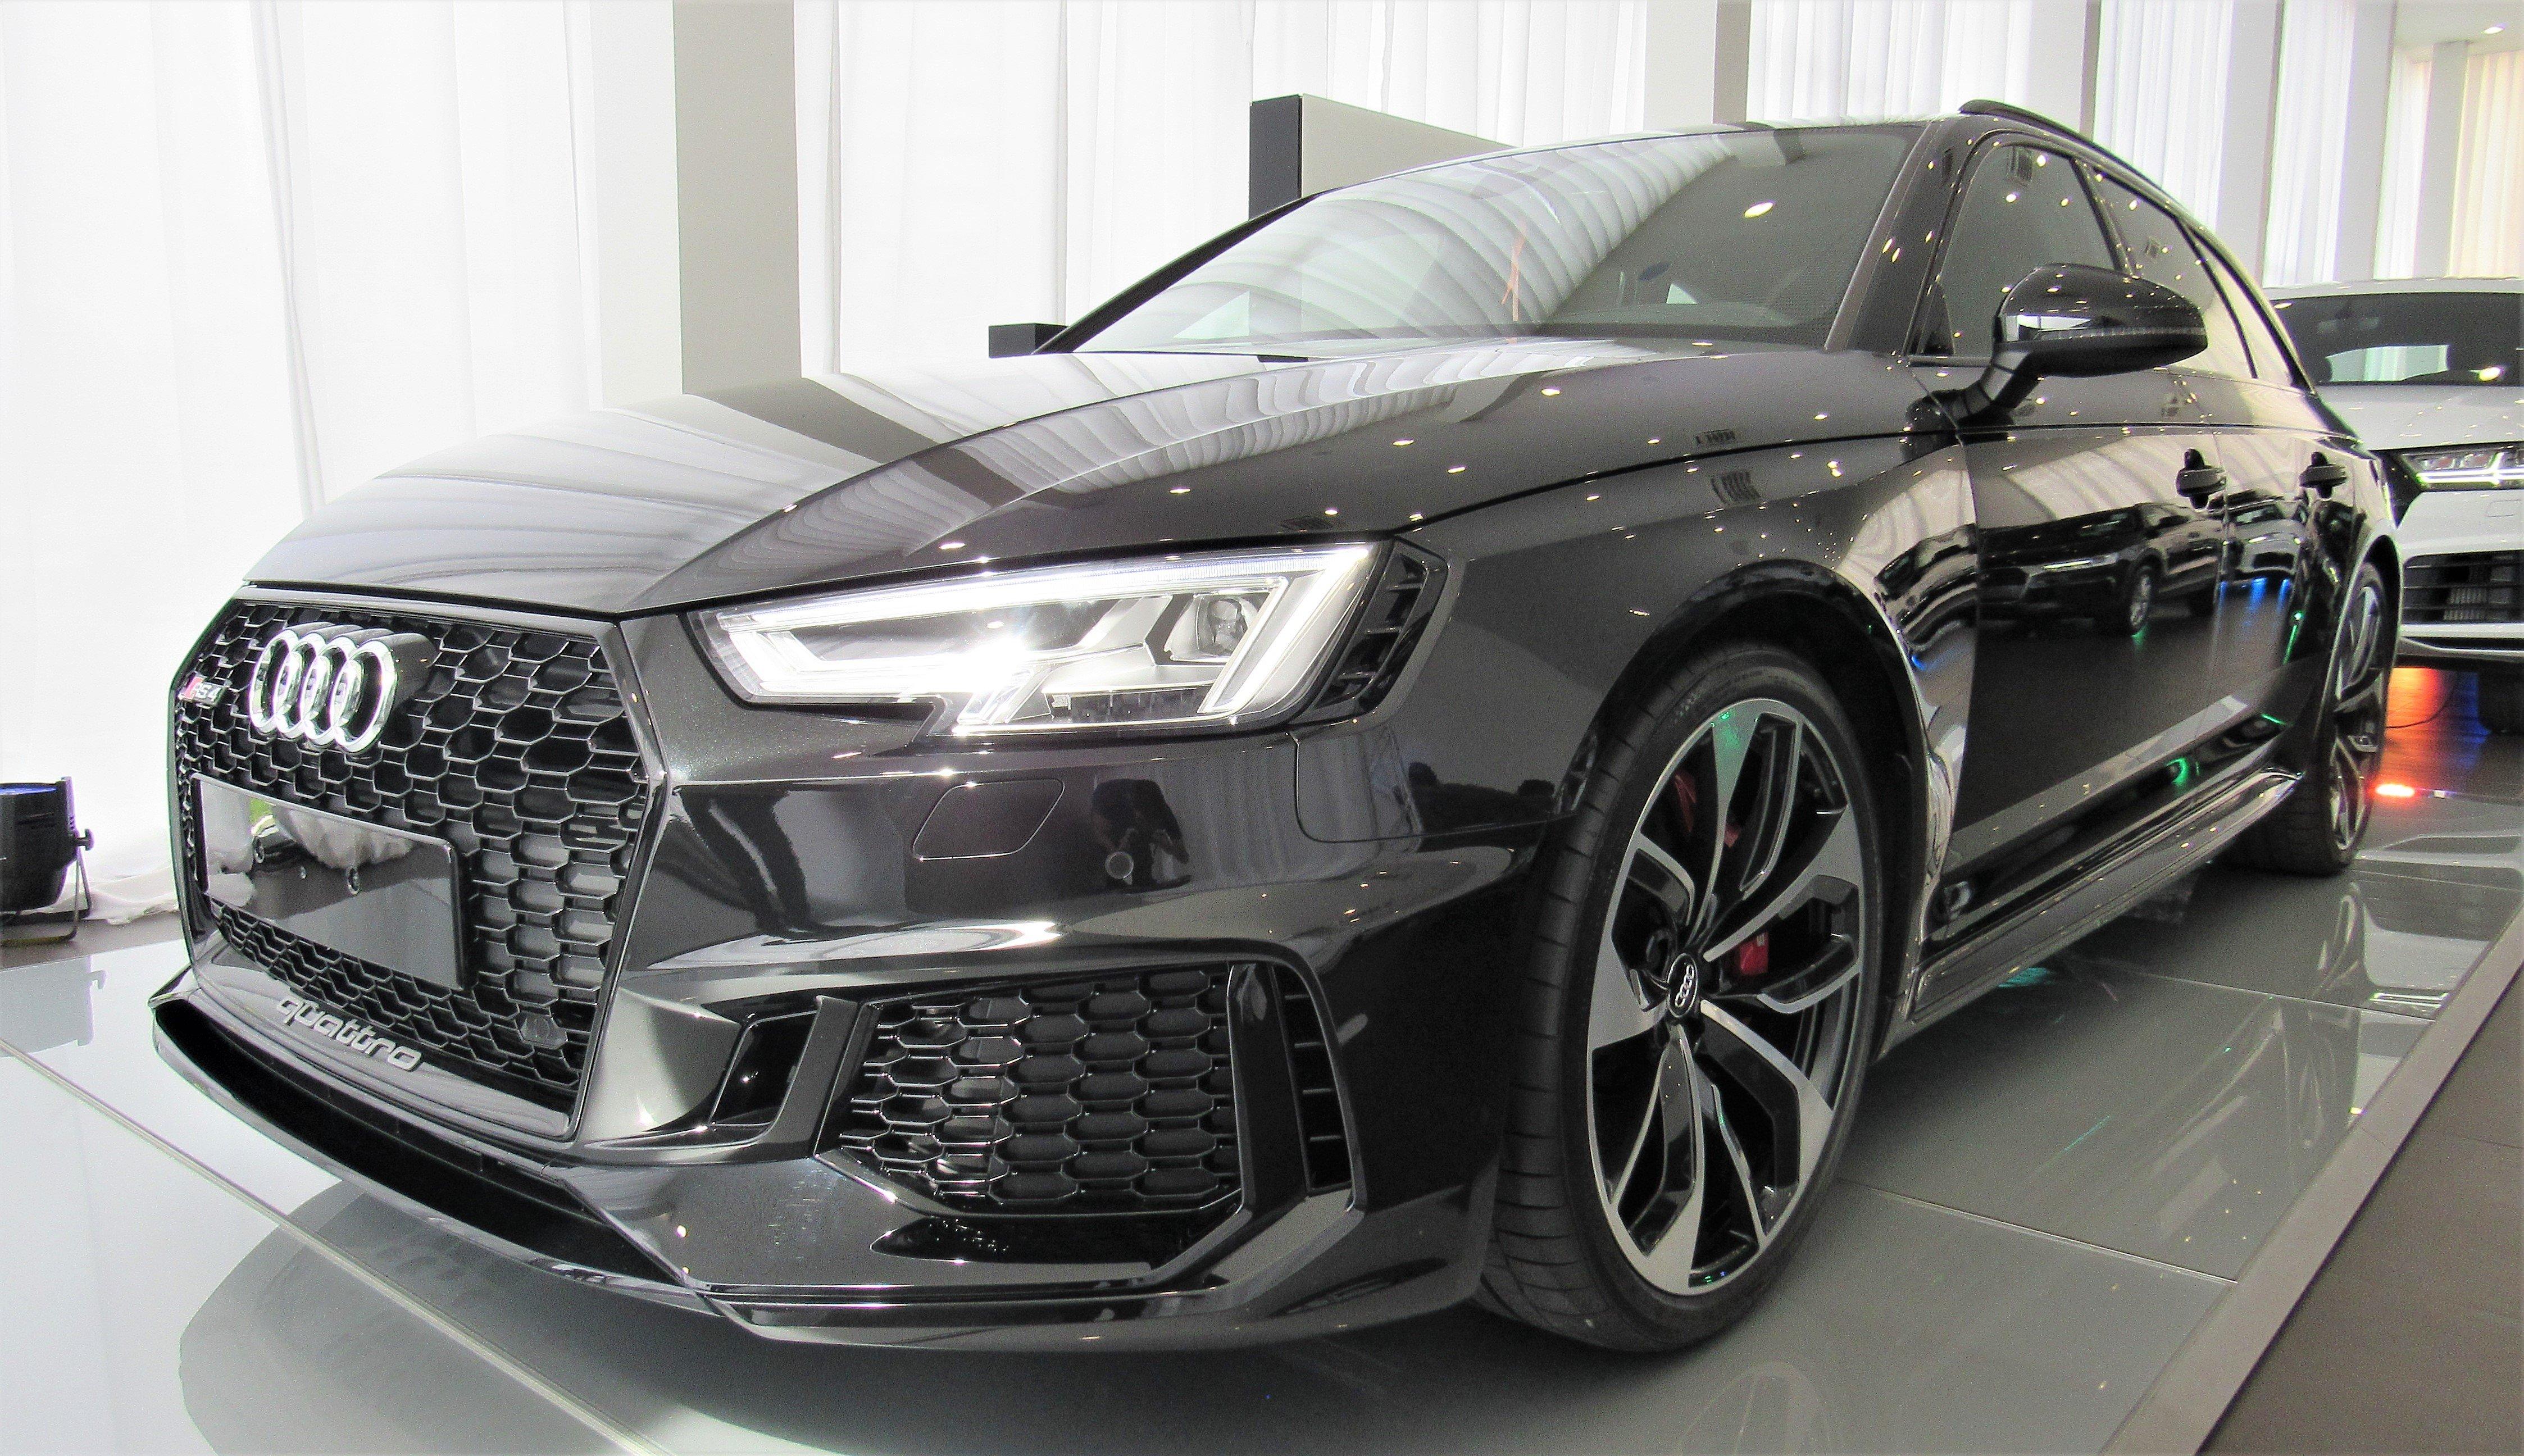 Audi RS4 Avant chega ao Piauí com motor V6 de 450 cavalos e refinamento surpreendente